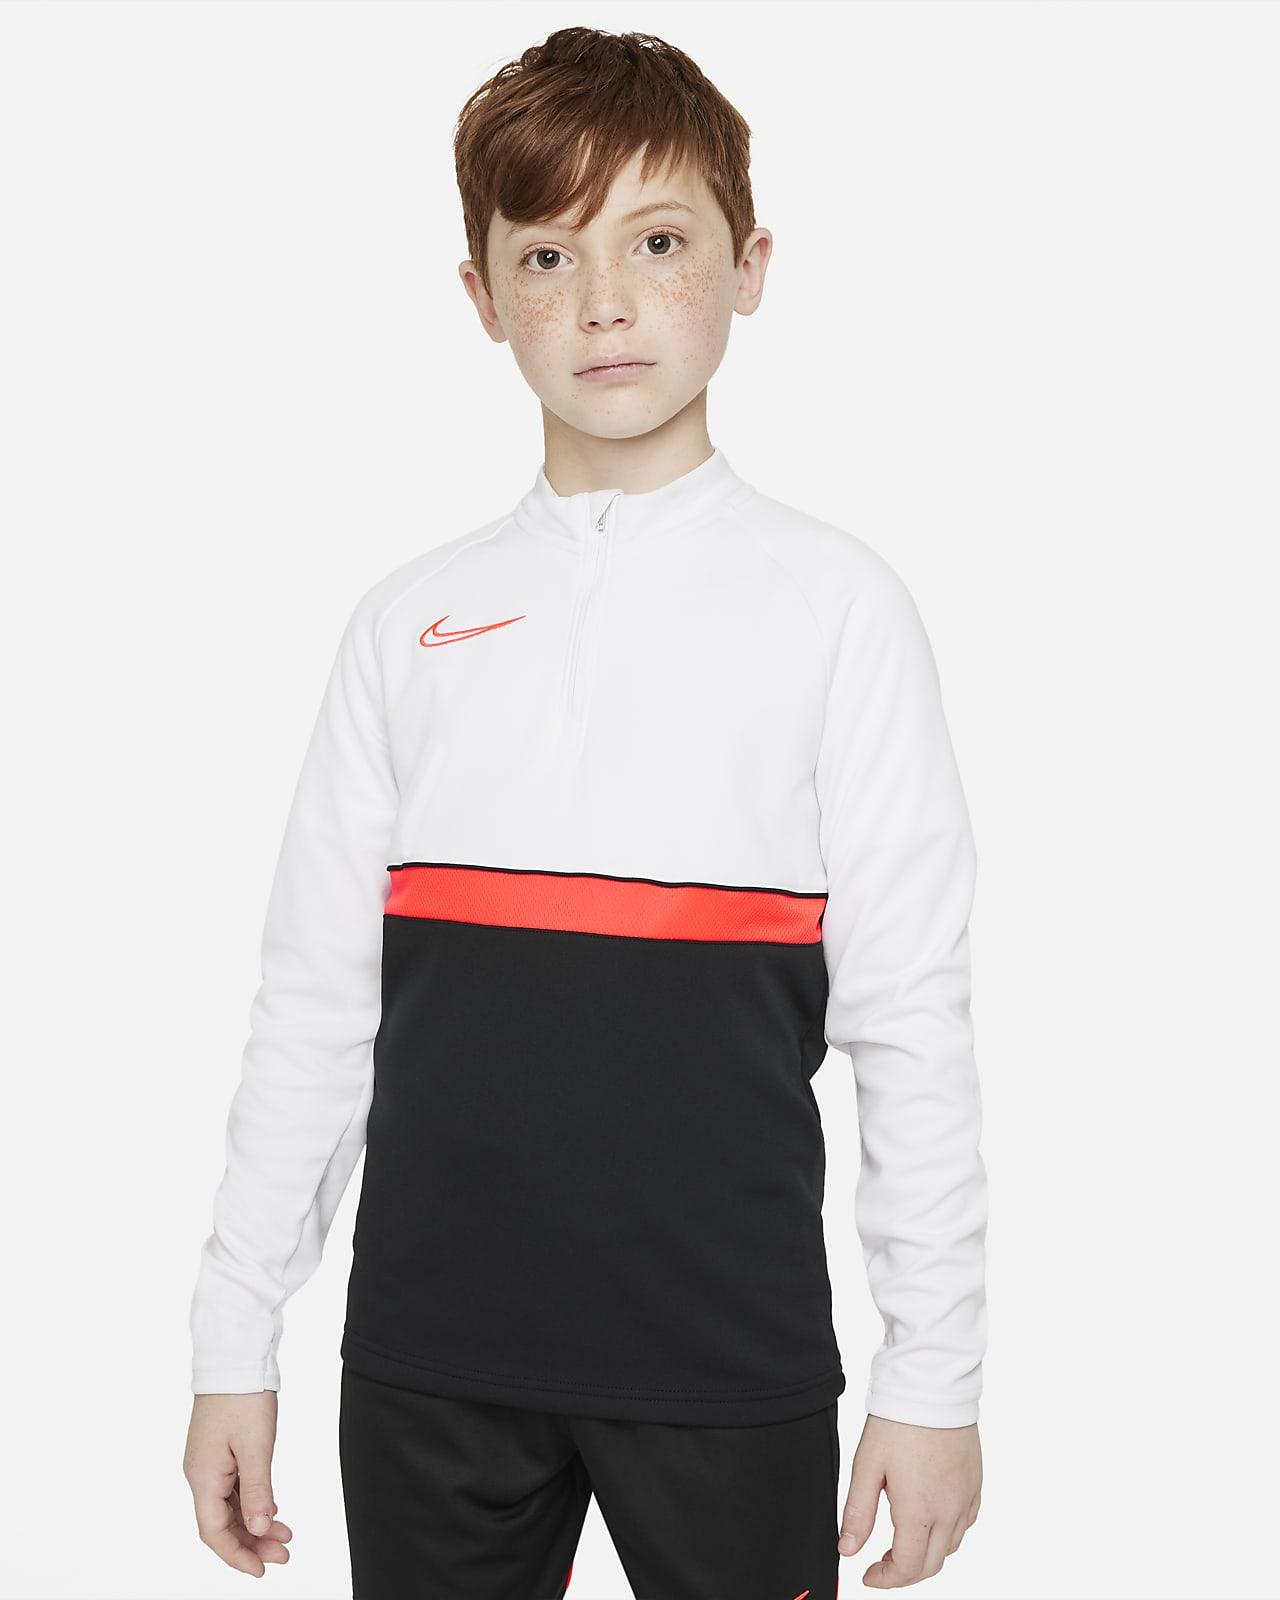 เสื้อฝึกซ้อมฟุตบอลเด็กโต Nike Dri-FIT Academy